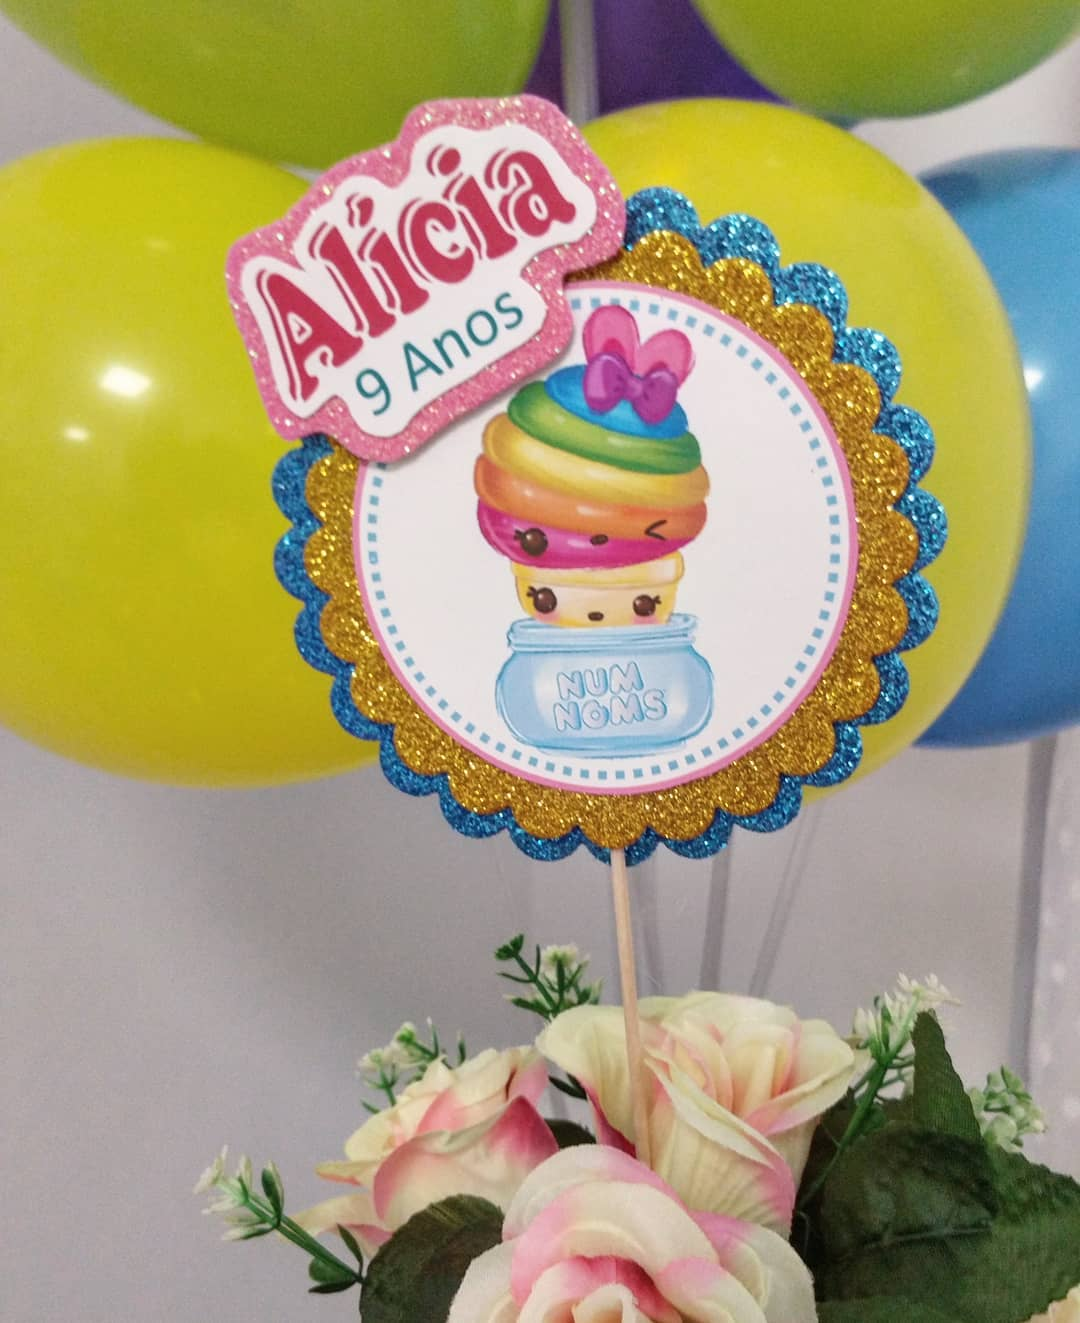 centros de mesa para un cumpleaños de num noms para niña